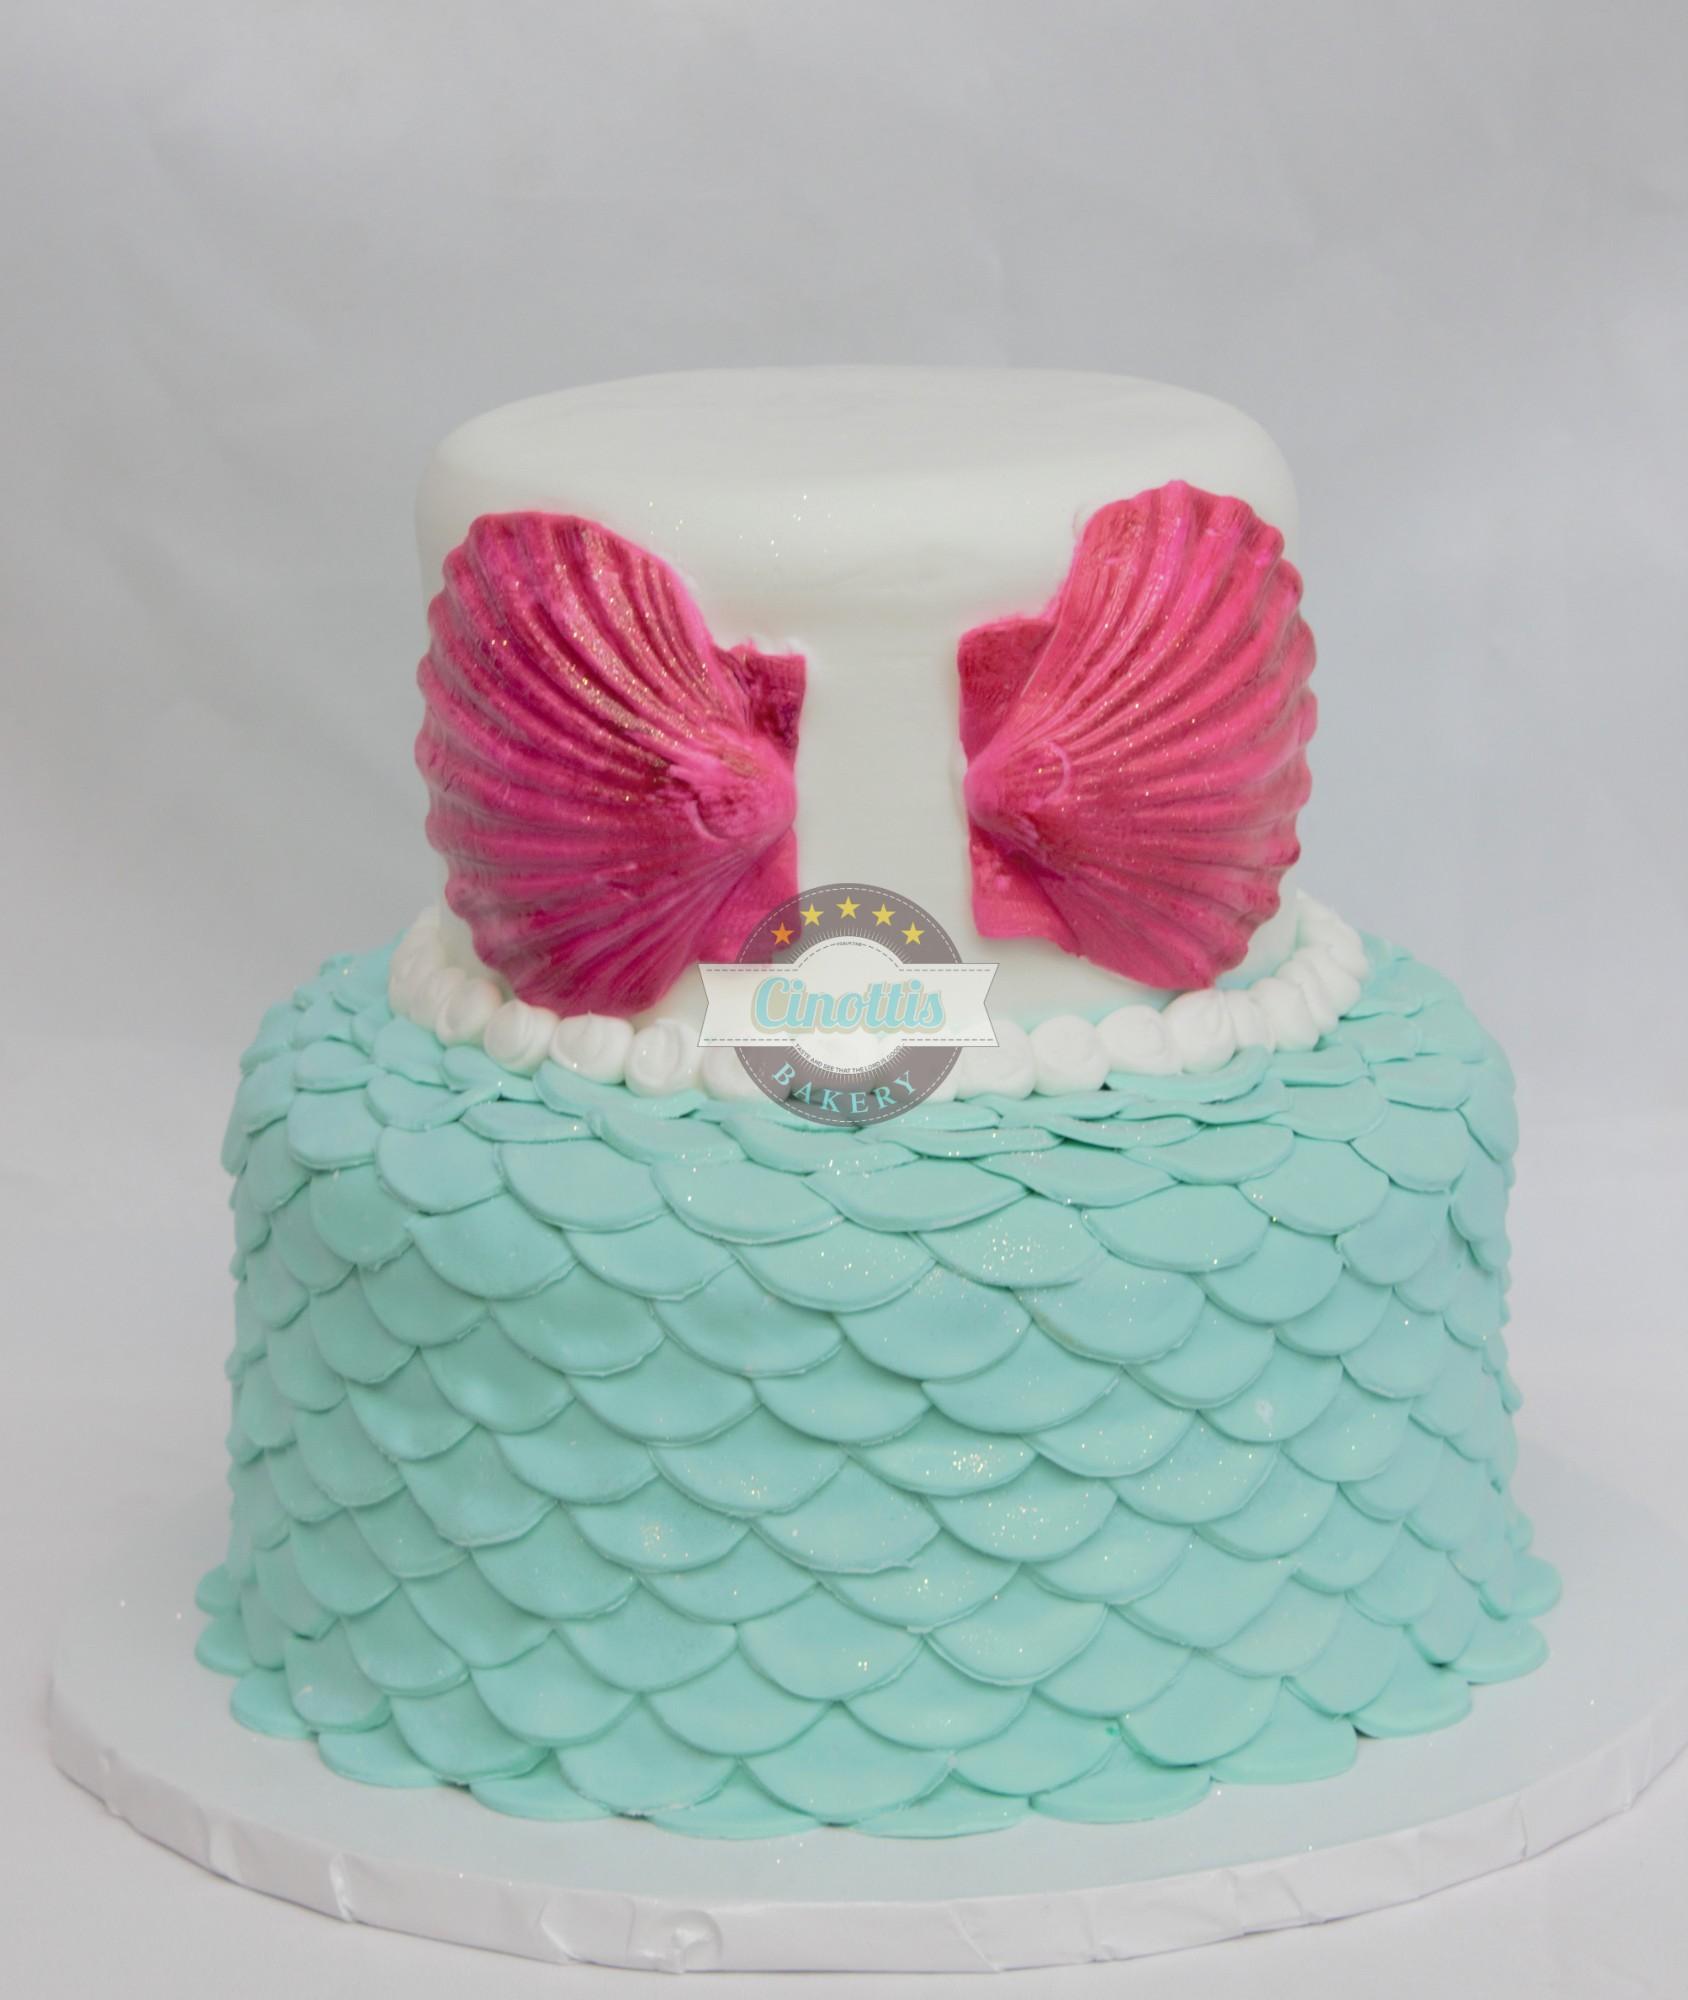 Mermaid Bikini Birthday Cake From Cinottis Bakery